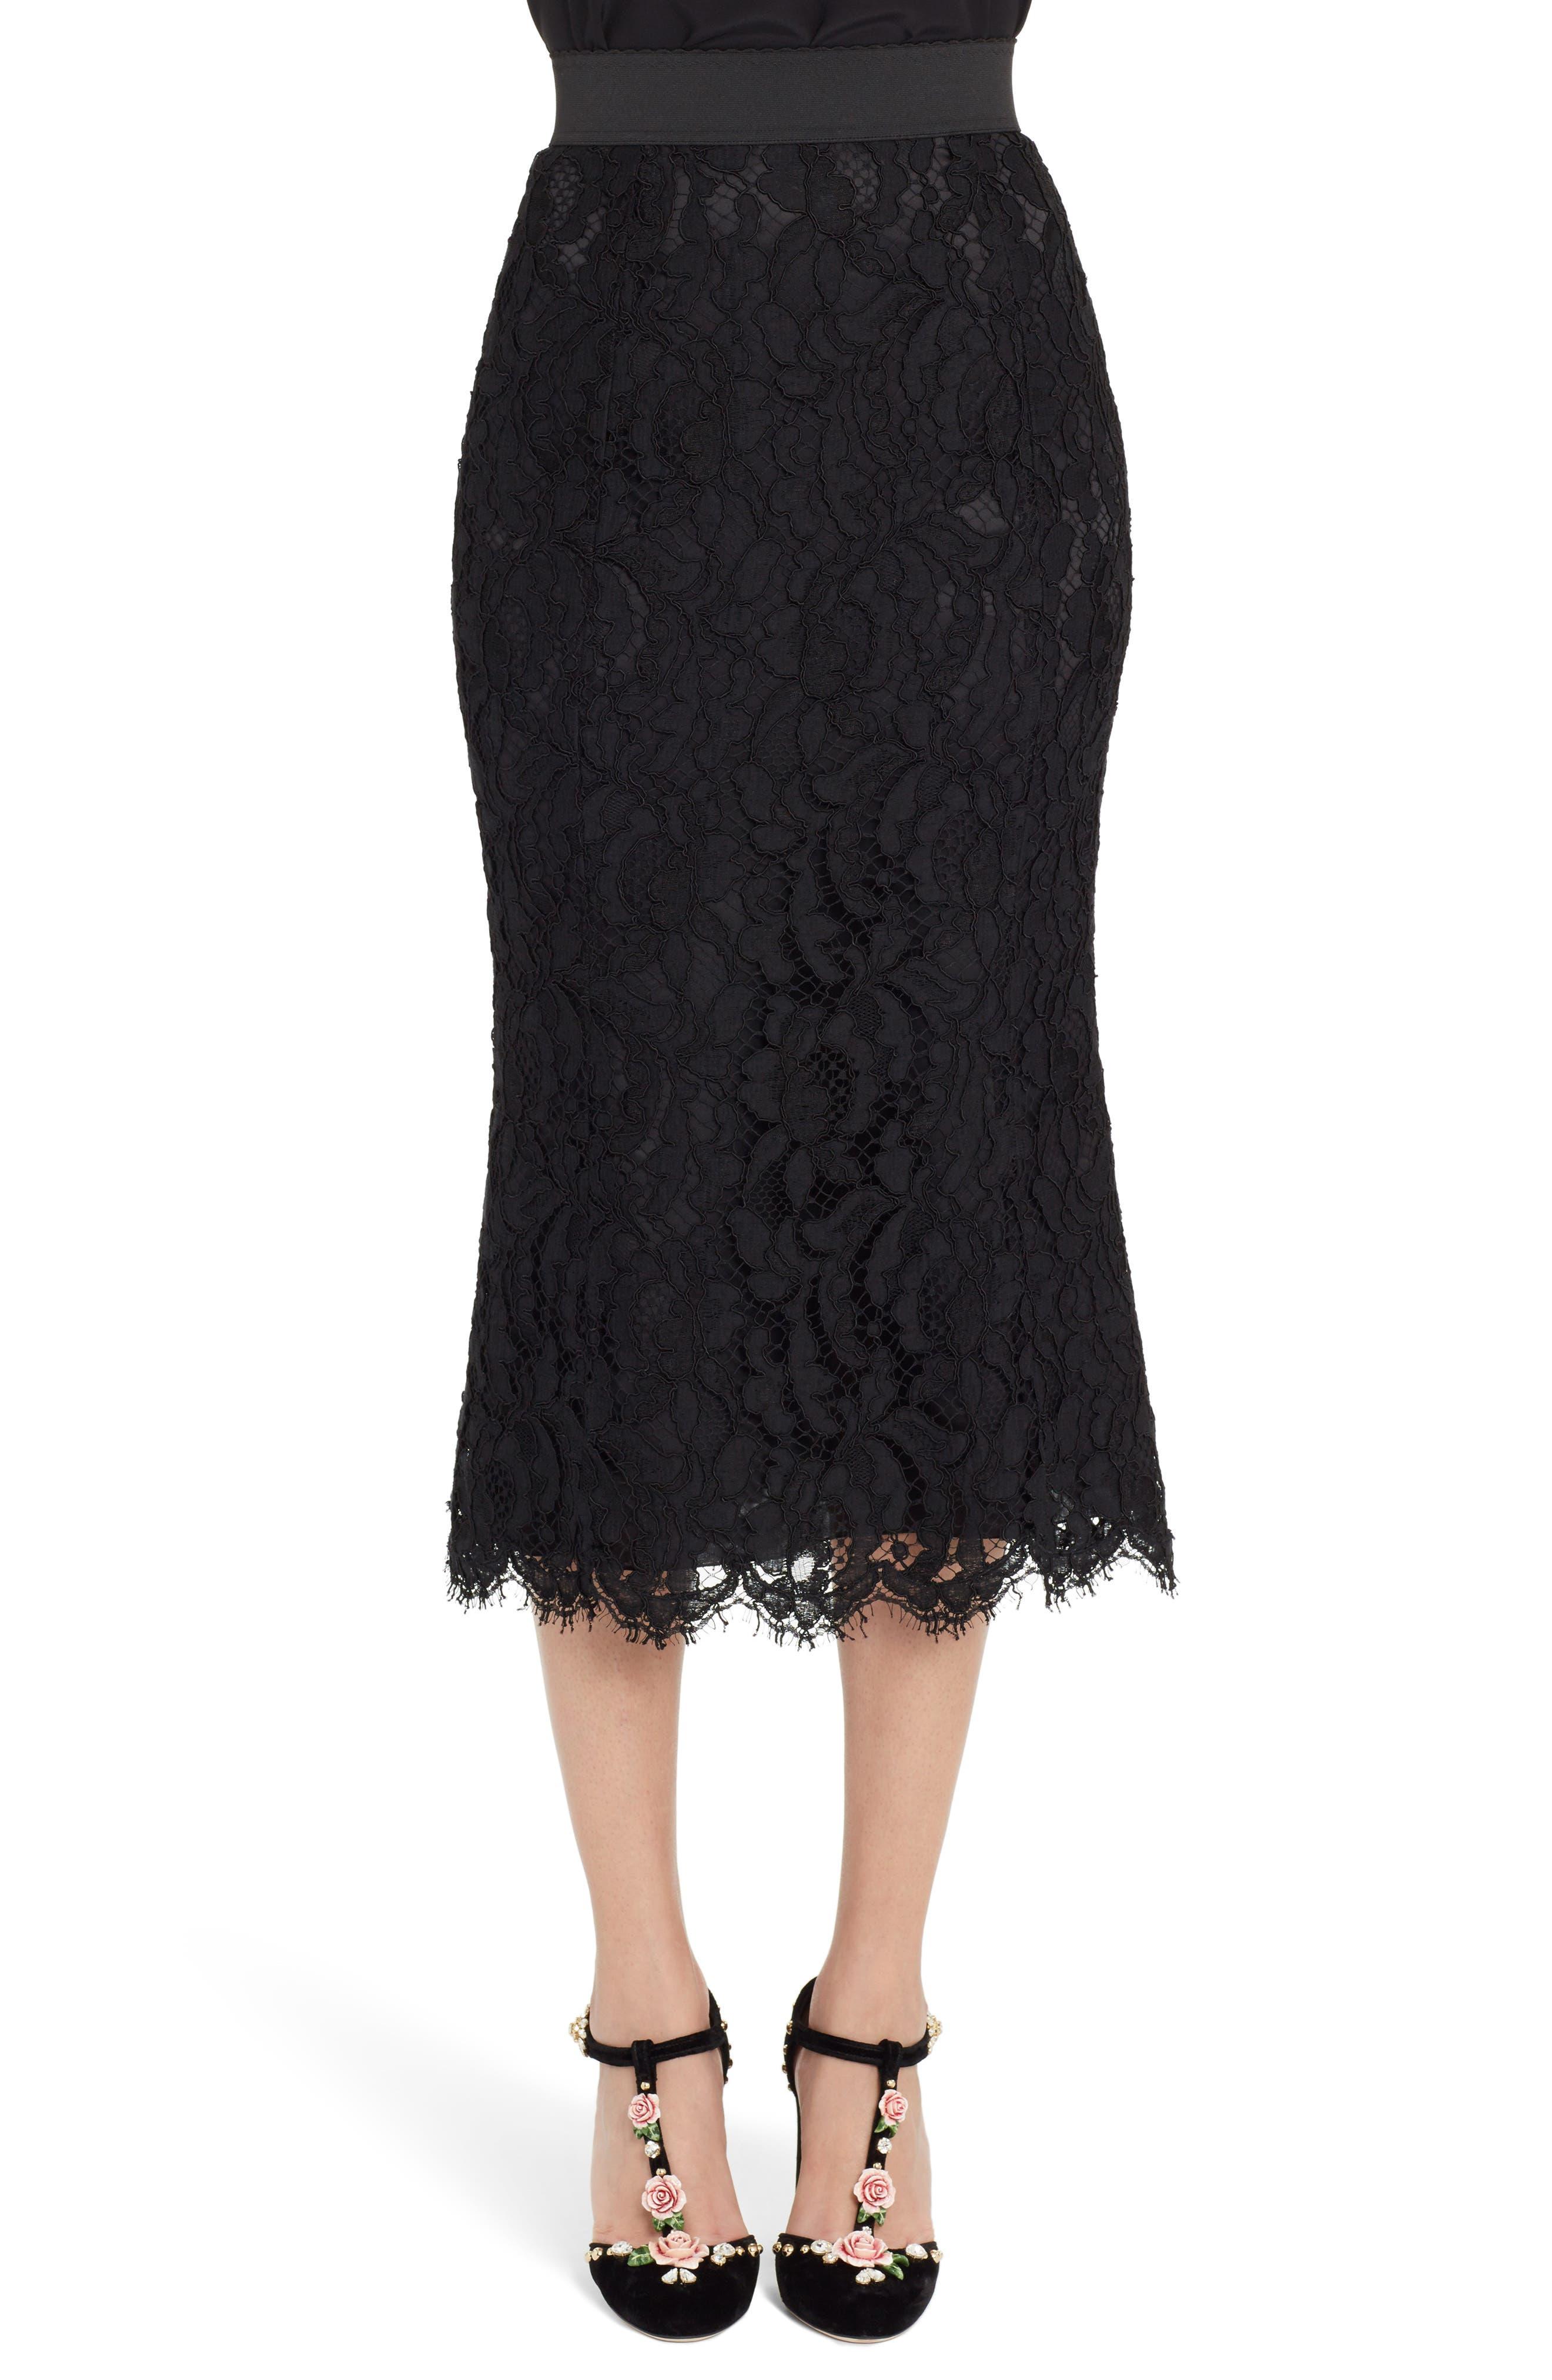 Dolce&Gabbana Lace Midi Skirt